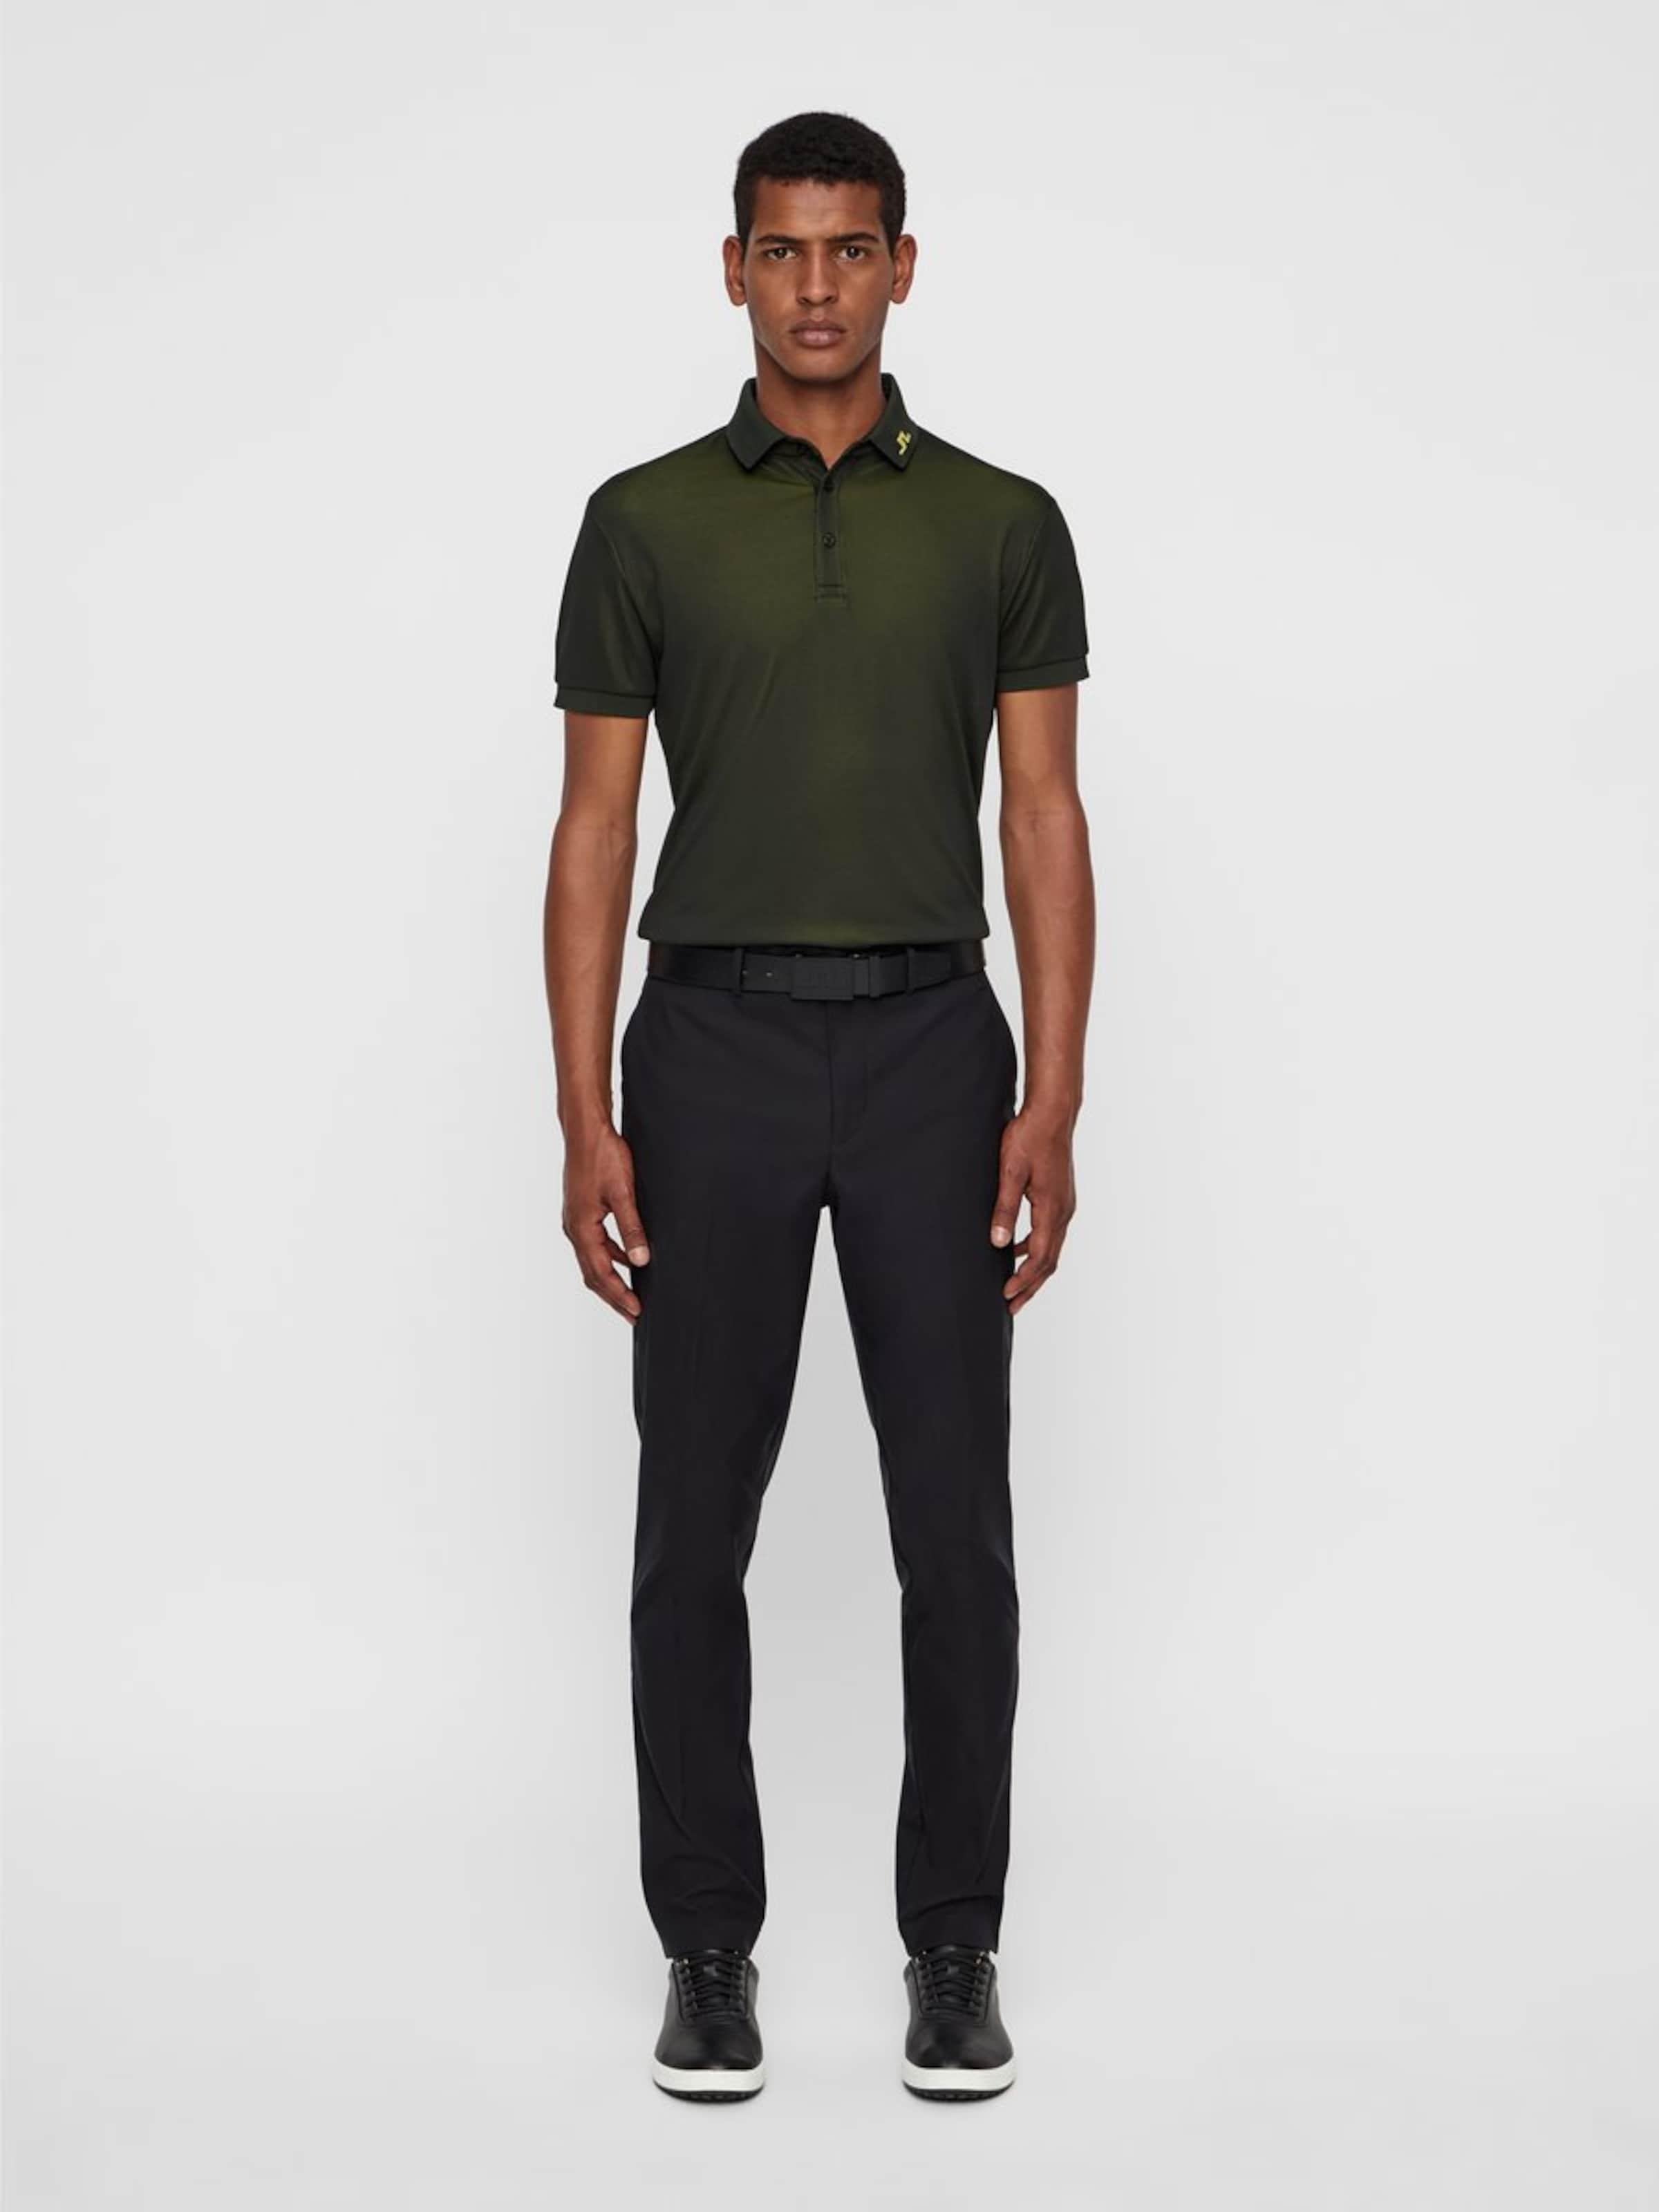 'kv' J En Noir shirt T lindeberg lKFcT13J